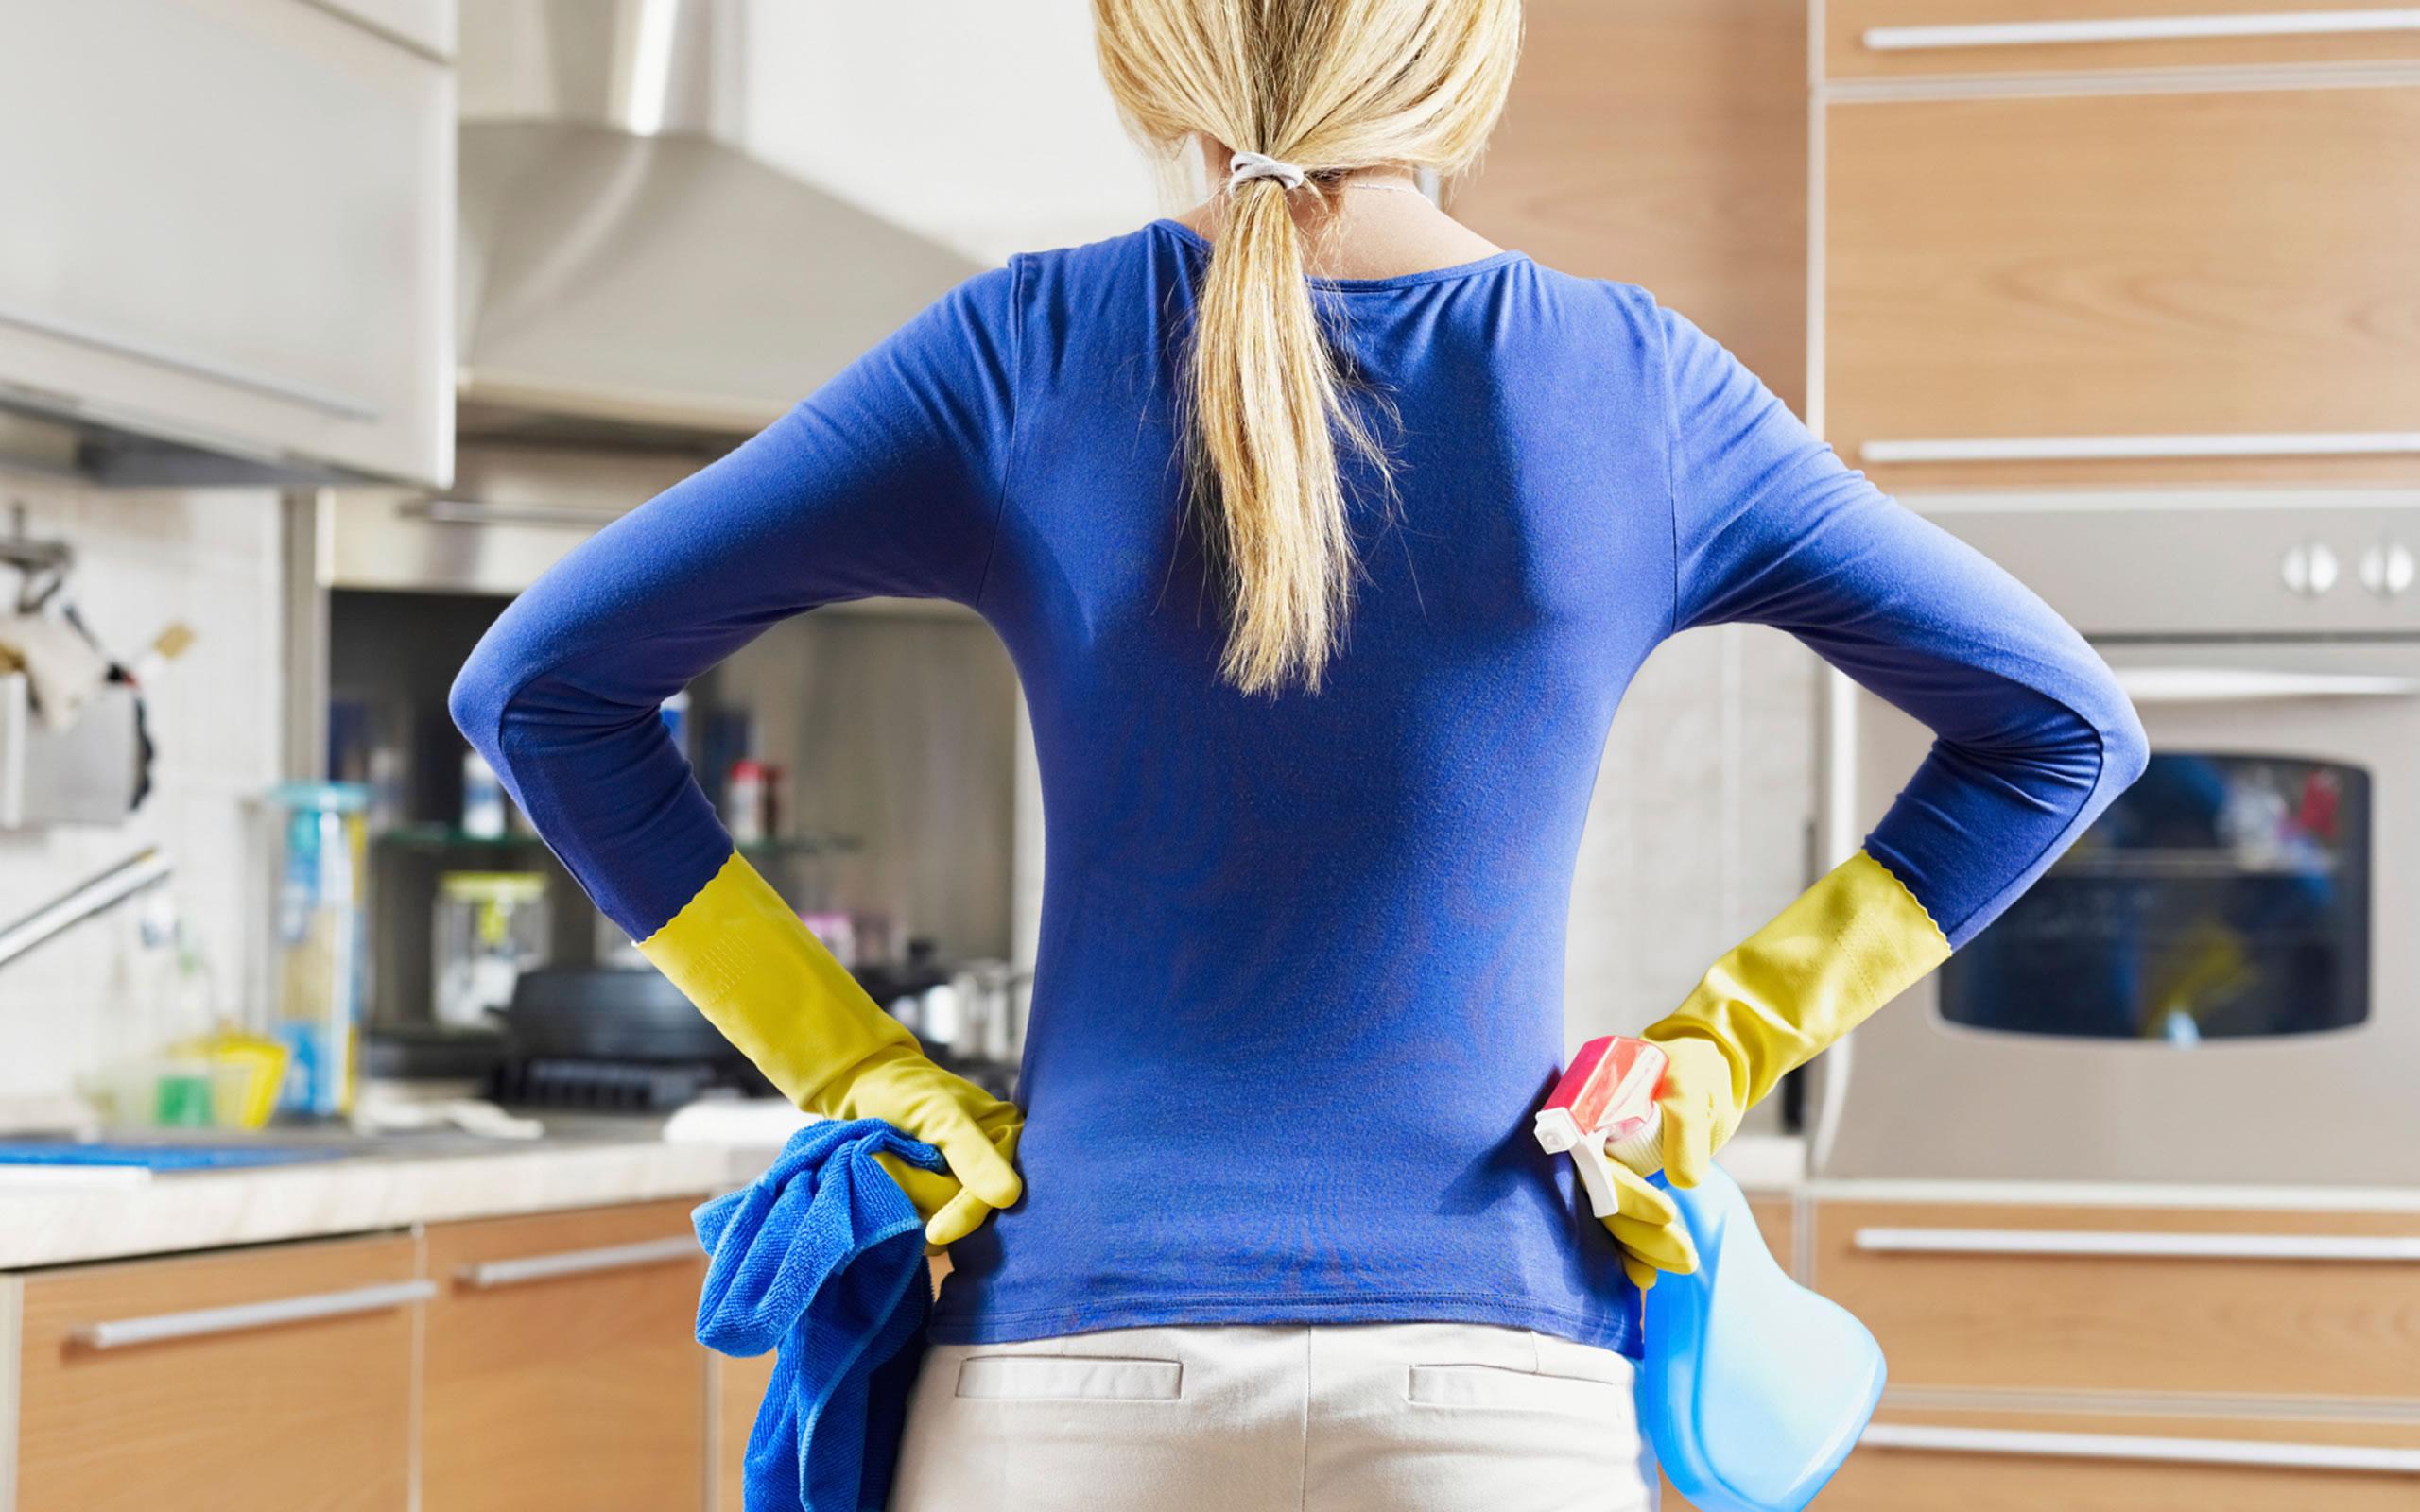 Pulizia Mobili Cucina Legno : Pulire la cucina miscele per top e ante soluzioni di casa